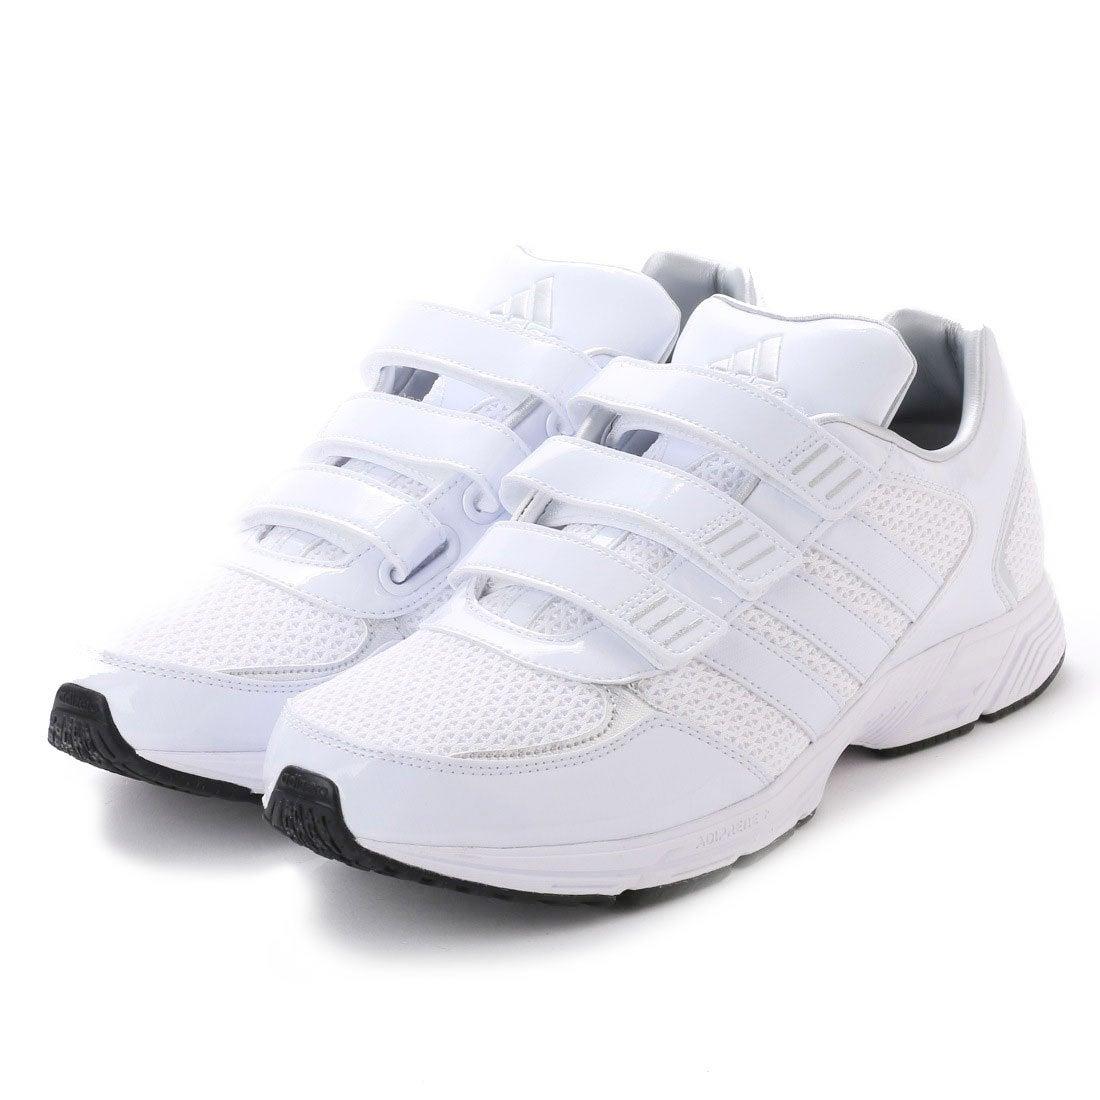 【SALE 47%OFF】アディダス adidas ユニセックス 野球 スパイクシューズ アディピュアBB RUN TR CG5100 559 (ホワイト)